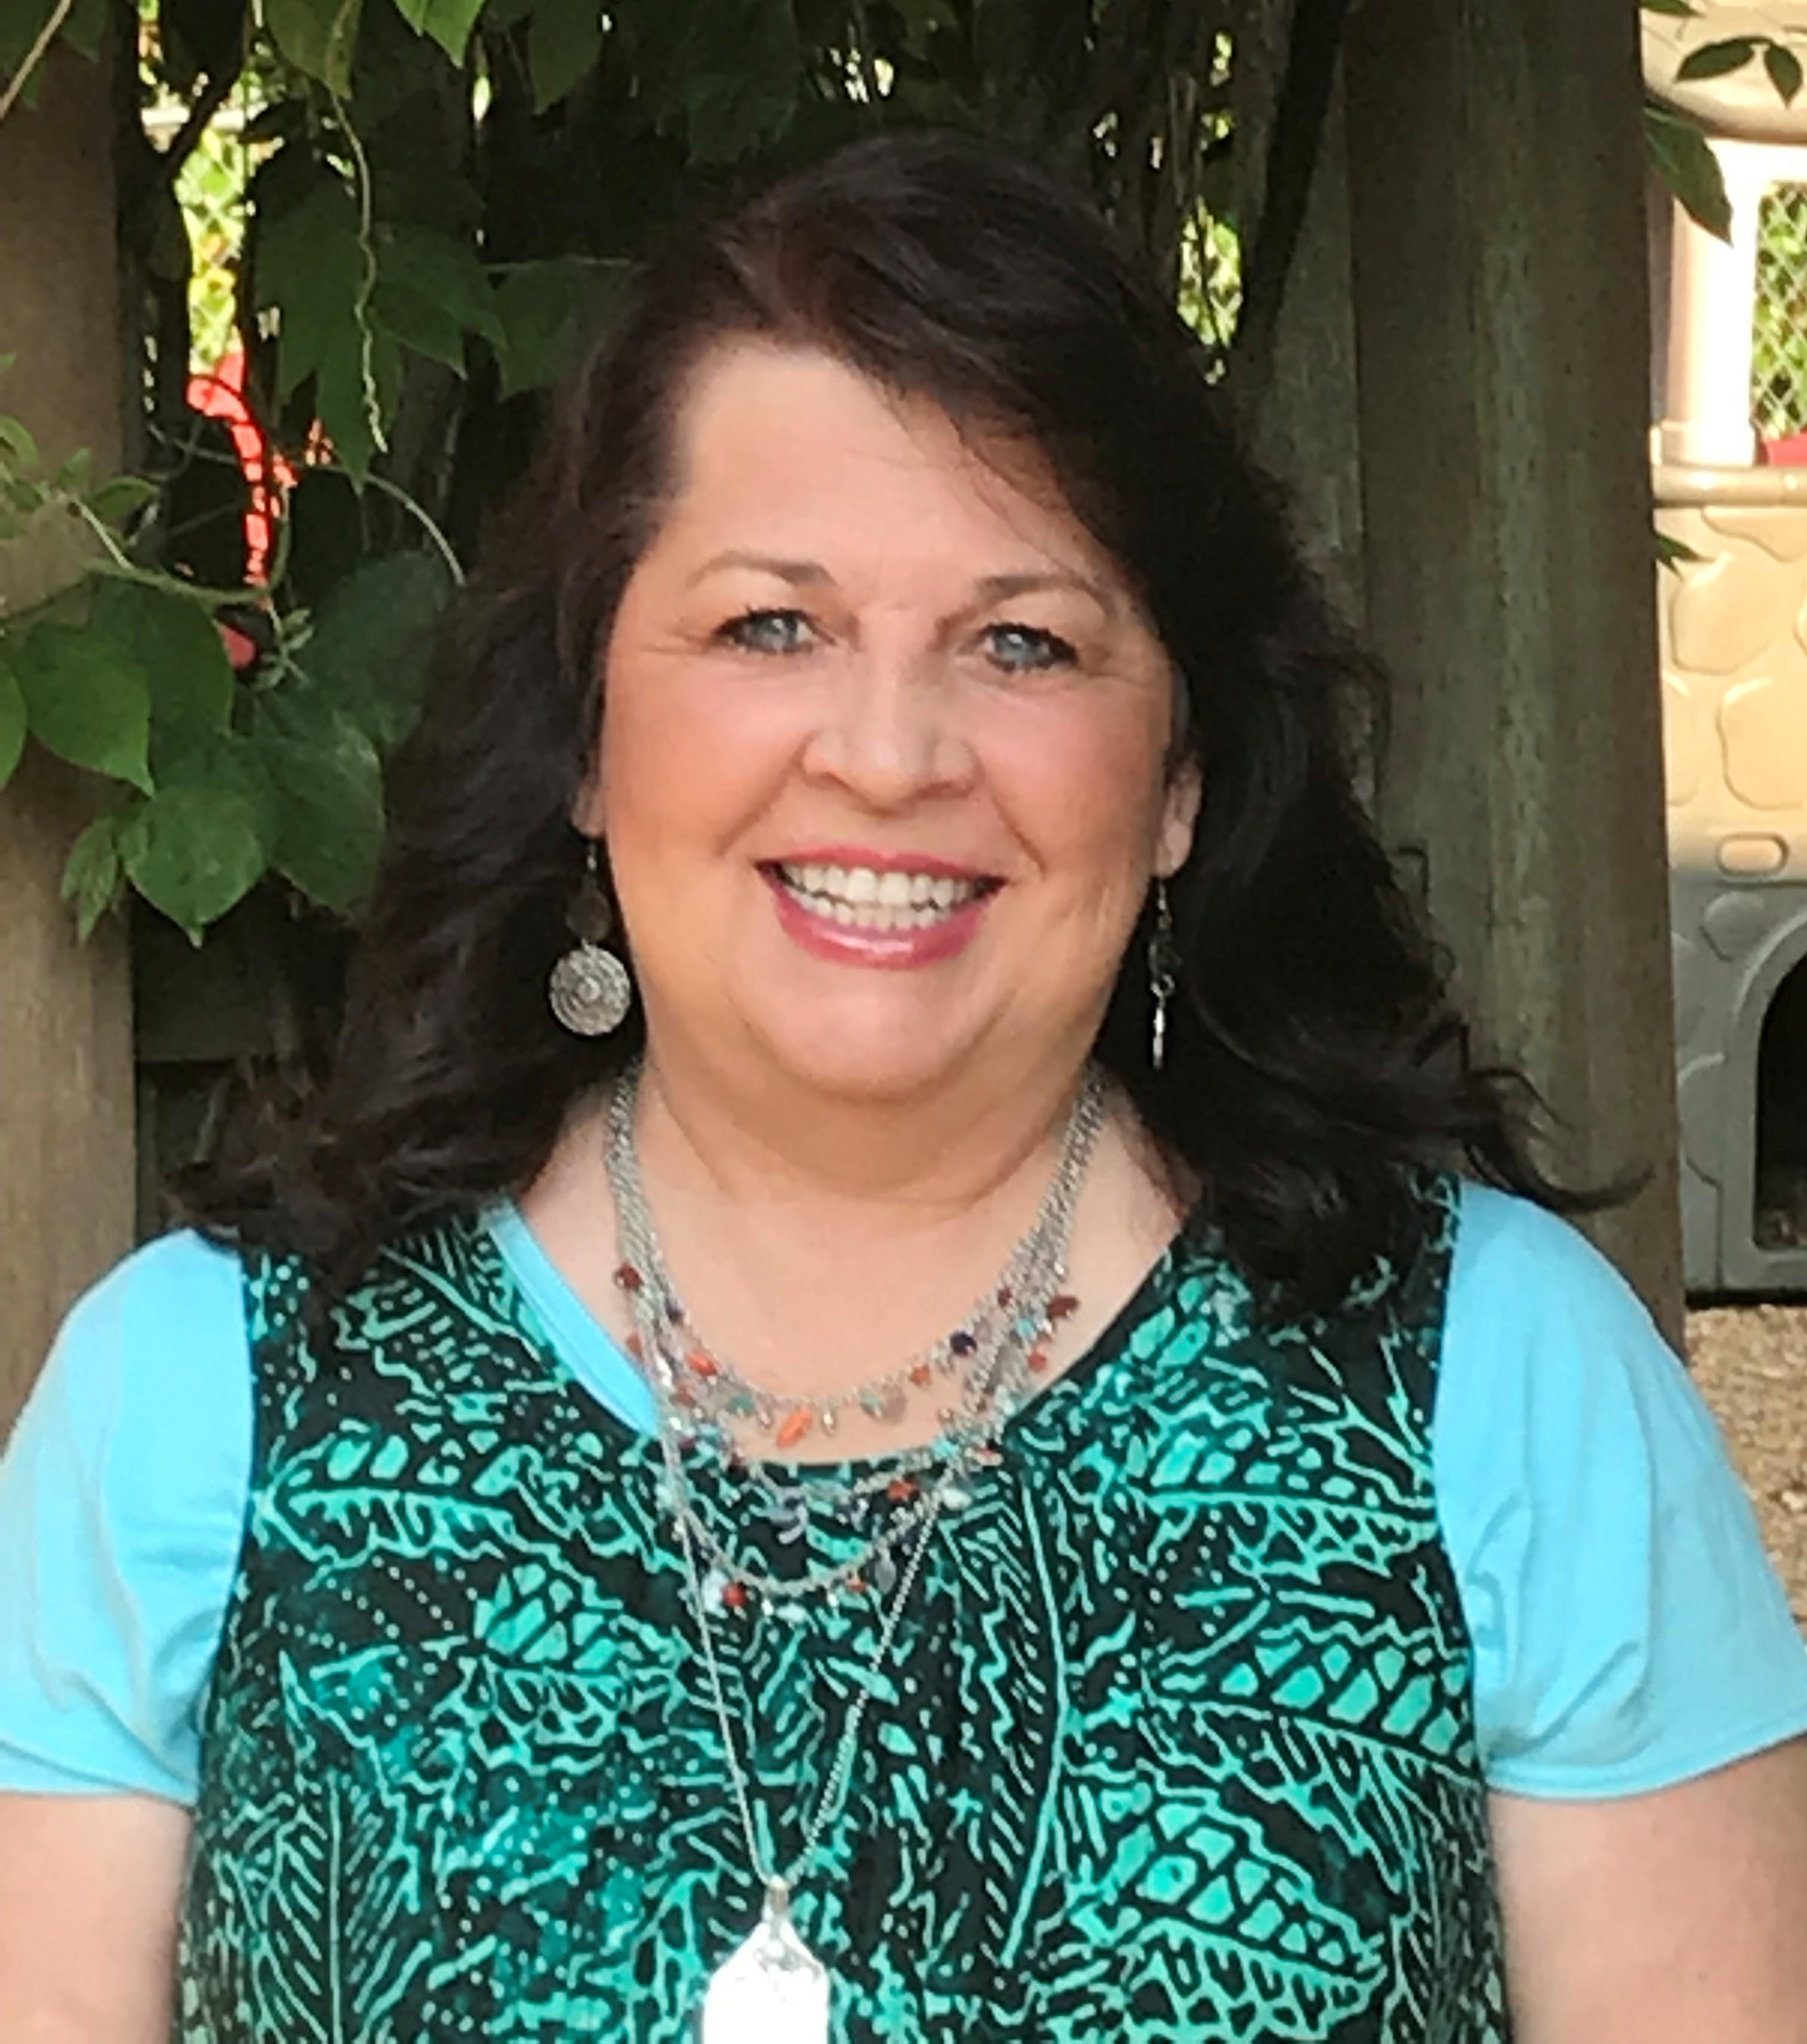 Tamara Bell